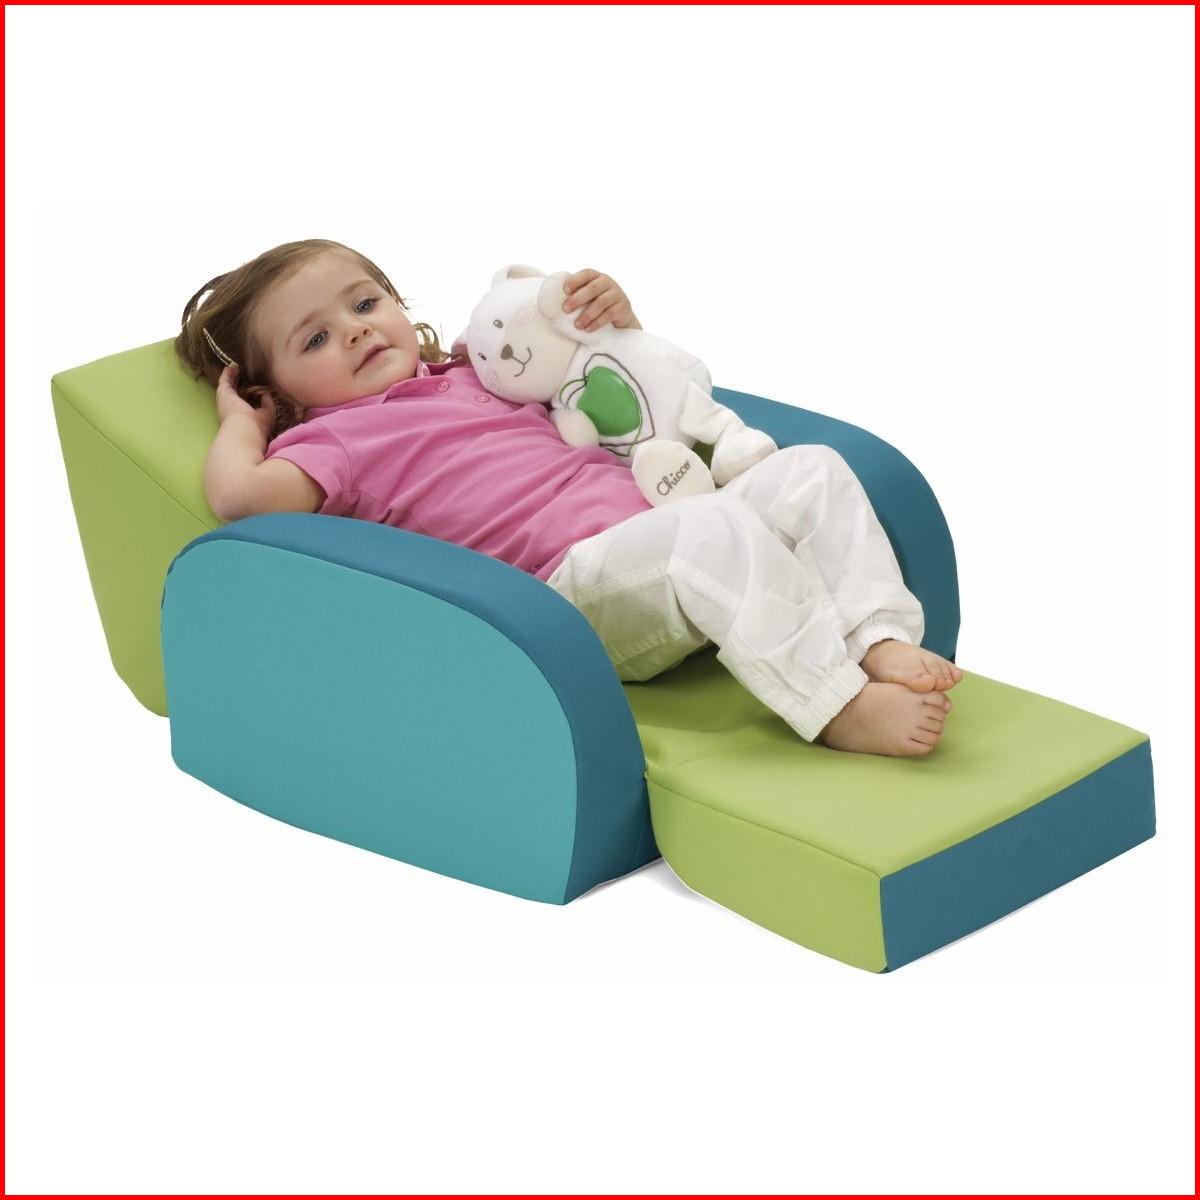 fauteuil pour bebe garcon